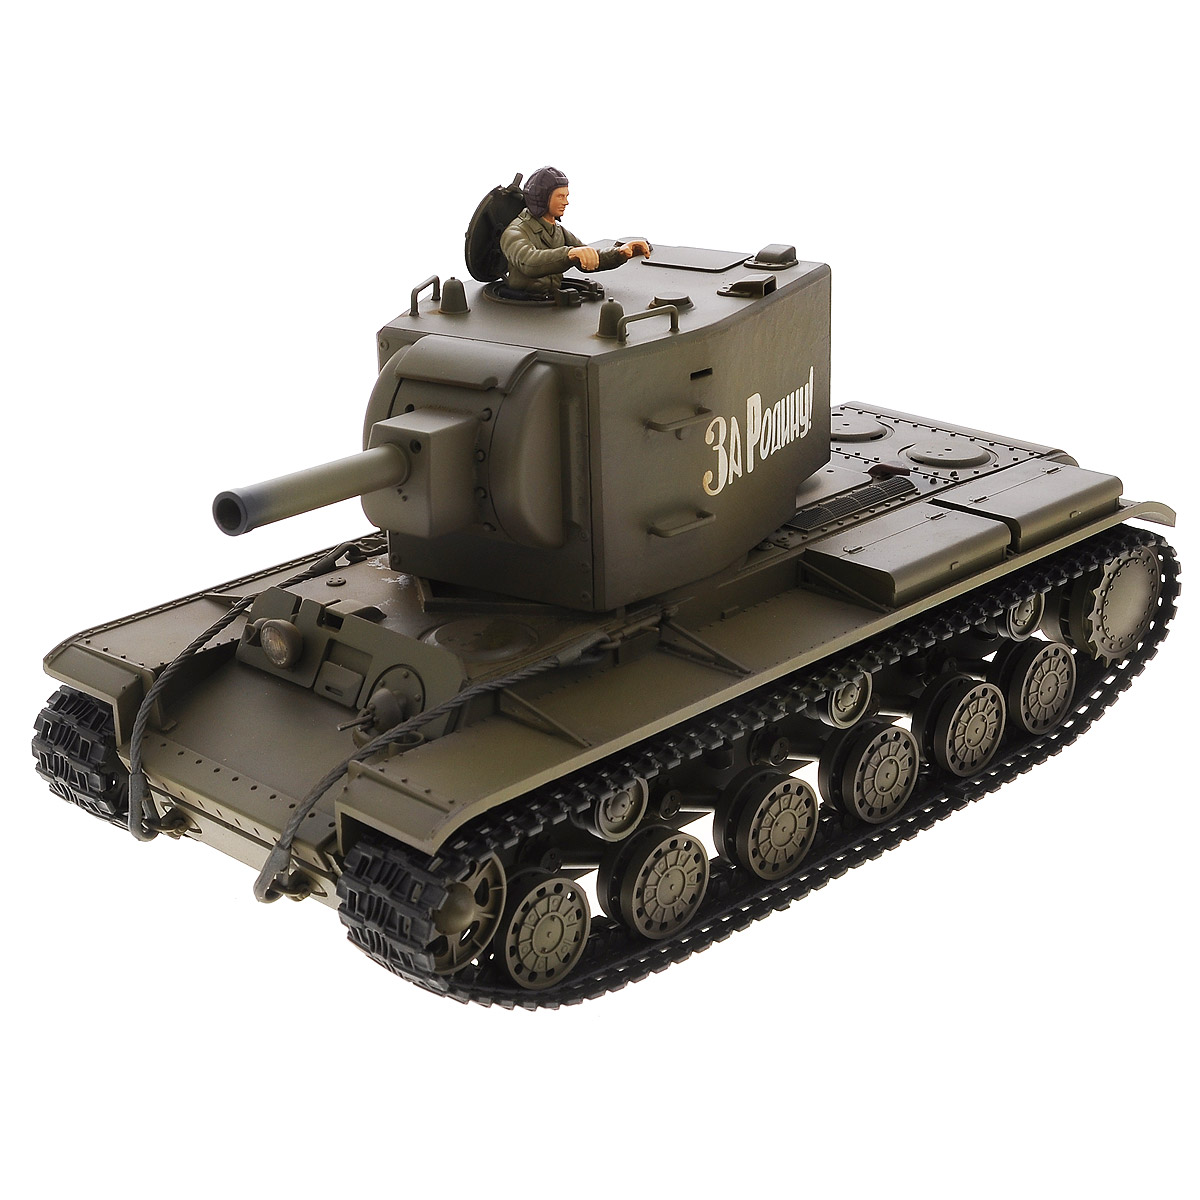 """Радиоуправляемый танк VSP """"Soviet Red Army KV-2"""" - это реалистичная коллекционная модель в масштабе 1/24. Она представляет собой уменьшенную копию советского тяжелого штурмового танка времен Второй мировой войны, известного как """"КВ-2"""" (Клим Ворошилов). Эта модель танка производилась в 1939 - 1943-х годах, когда советская армия остро нуждалась в хорошо защищенном танке с мощным вооружением для борьбы с фортификациями. Пульт управления работает на частоте 2,4 ГГц и оснащен светодиодной подсветкой голубого цвета. Система Airsoft обеспечивает постоянное движение танка и стрельбу из пневматической пушки. Данная модель может стрелять мягкими (пневматическими) BB шариками, поэтому имеет возрастное ограничение от 14 лет. Благодаря работе на частоте 2,4 ГГц танк будет легко сопрягаться с пультом управления. Новые электронные схемы, примененные в этом пульте, позволяют принимать участие в игровых сражениях одновременно 16 танкам. Радиус управления заметно..."""